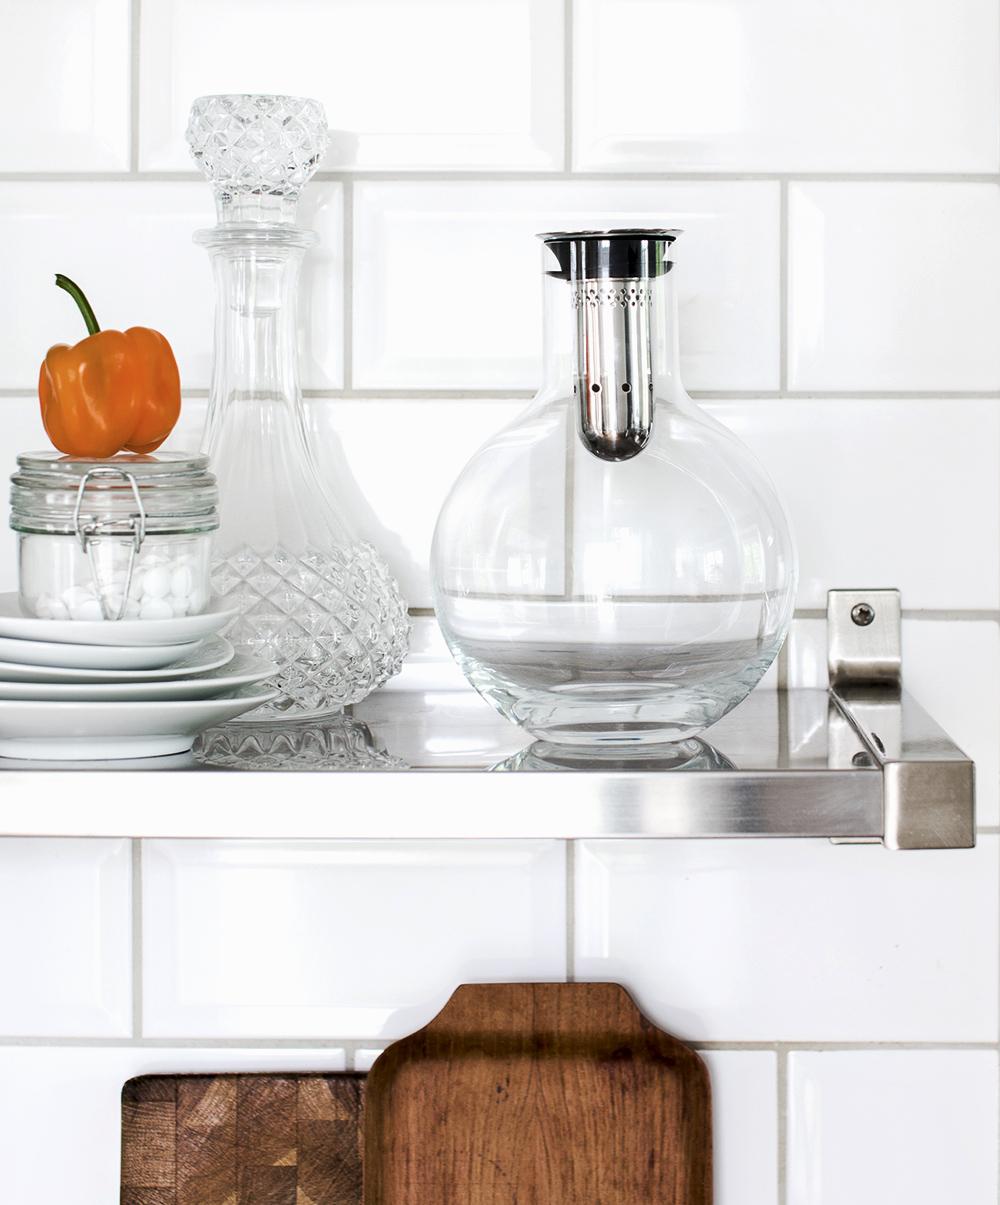 DW_kitchenfavorites_evasolo (2 av 1)